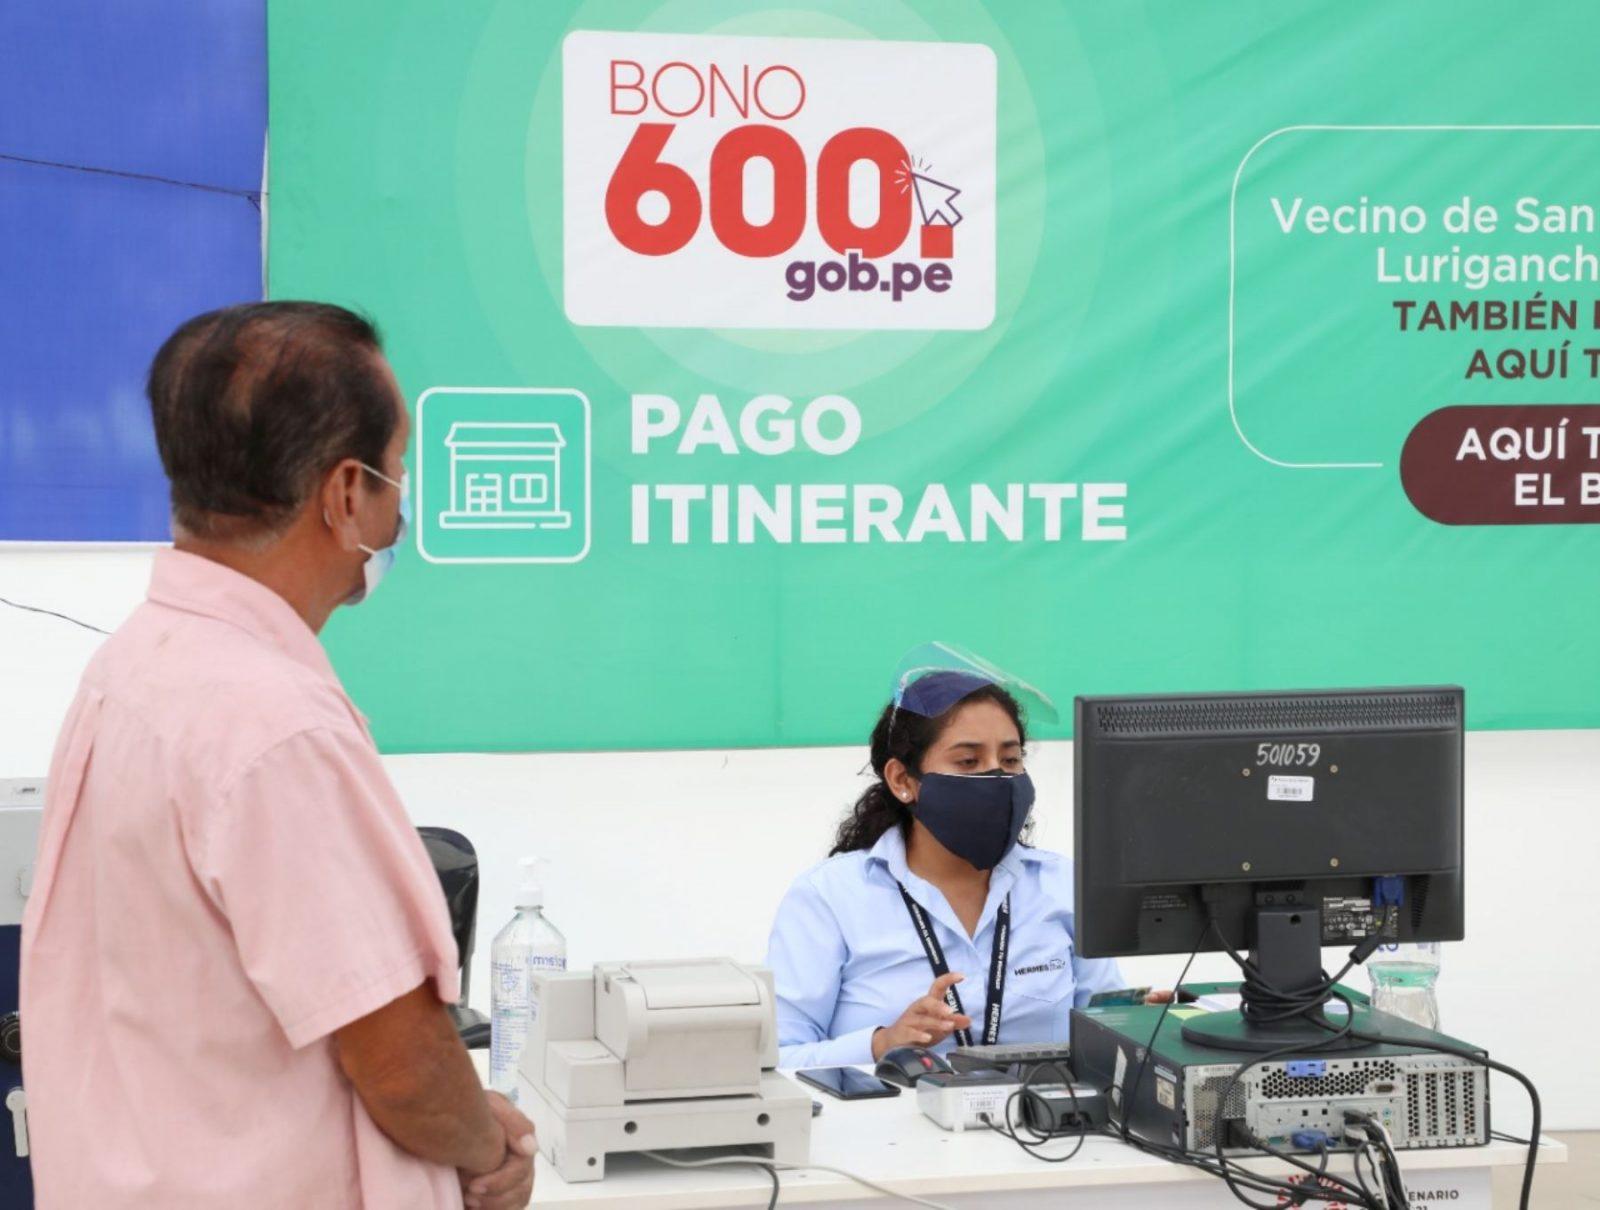 Bono 600: Subsidio se podrá cobrar hasta el 30 de septiembre